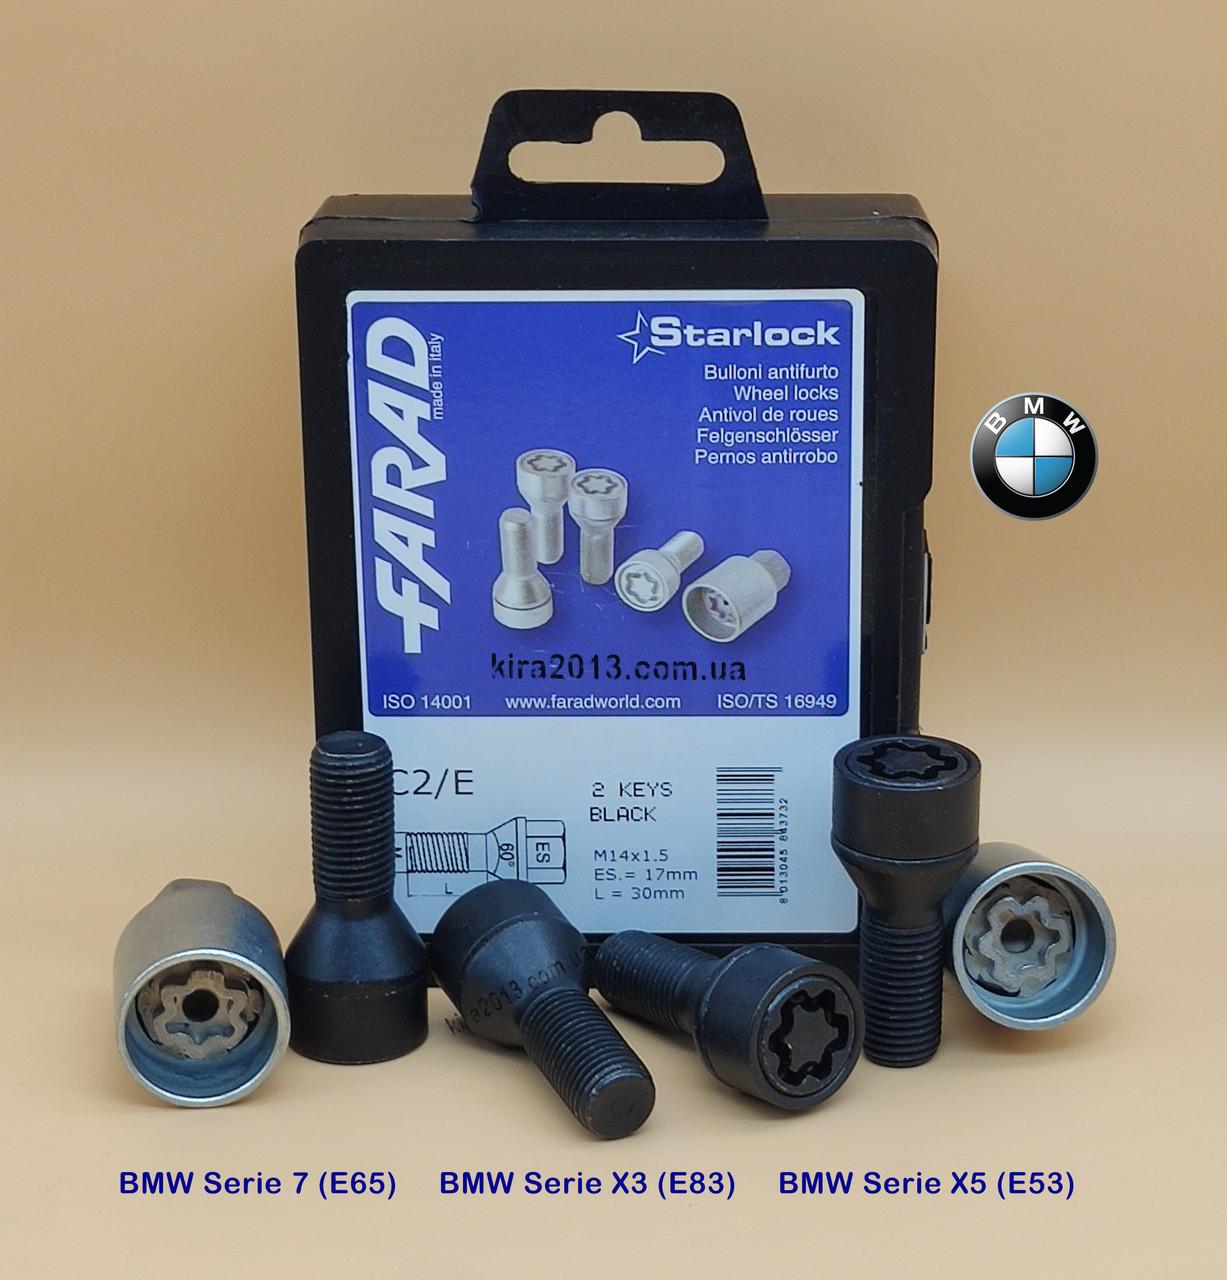 Секретки БМВ Farad StarLock C2/E-2CH BLACK черные, 2 ключа для BMW X5 E53, X3 E83, BMW 7 E65